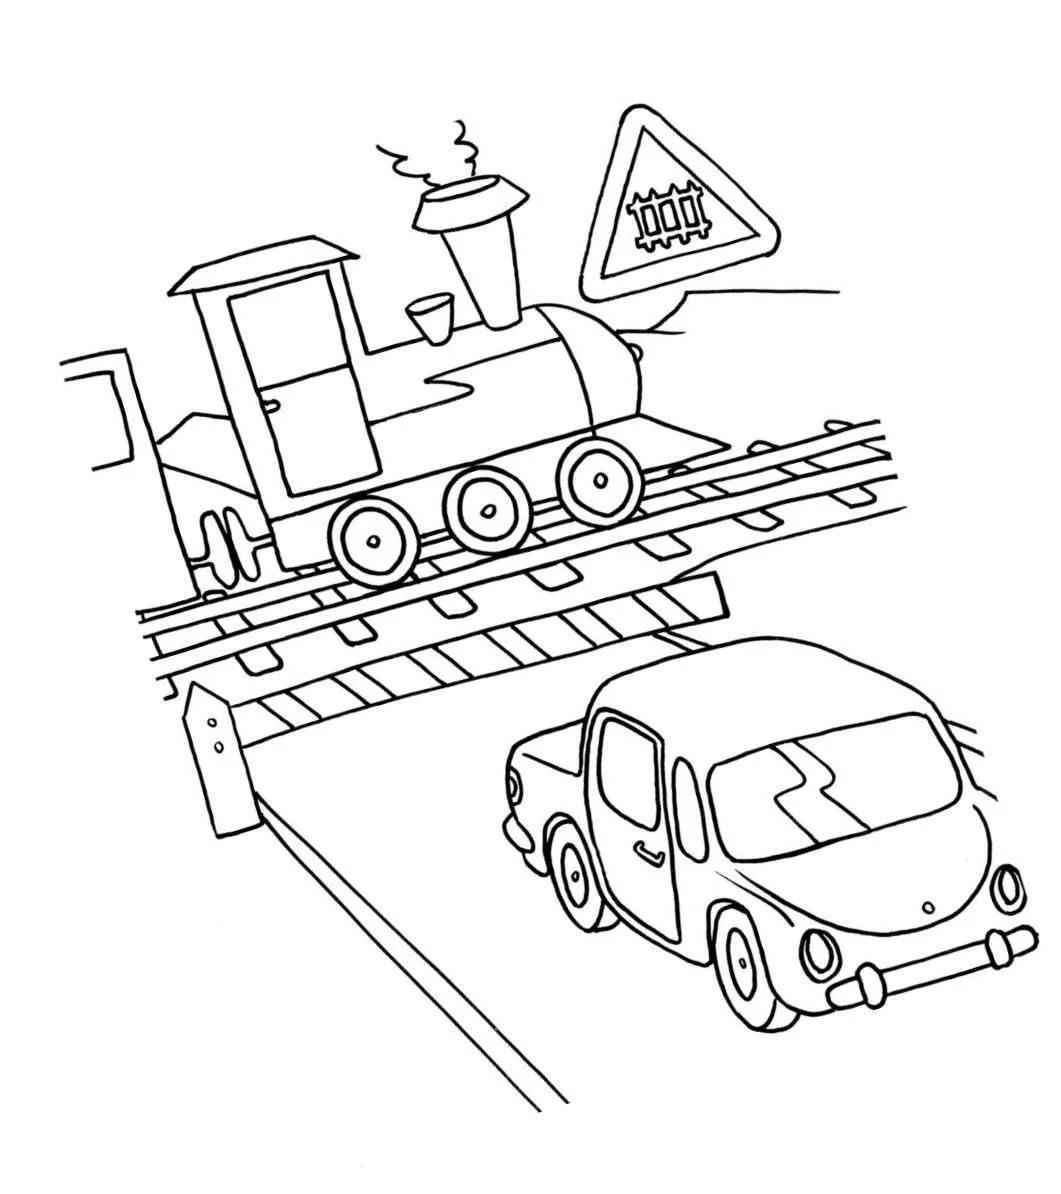 контуры картинок по правилам дорожного движения оформлении